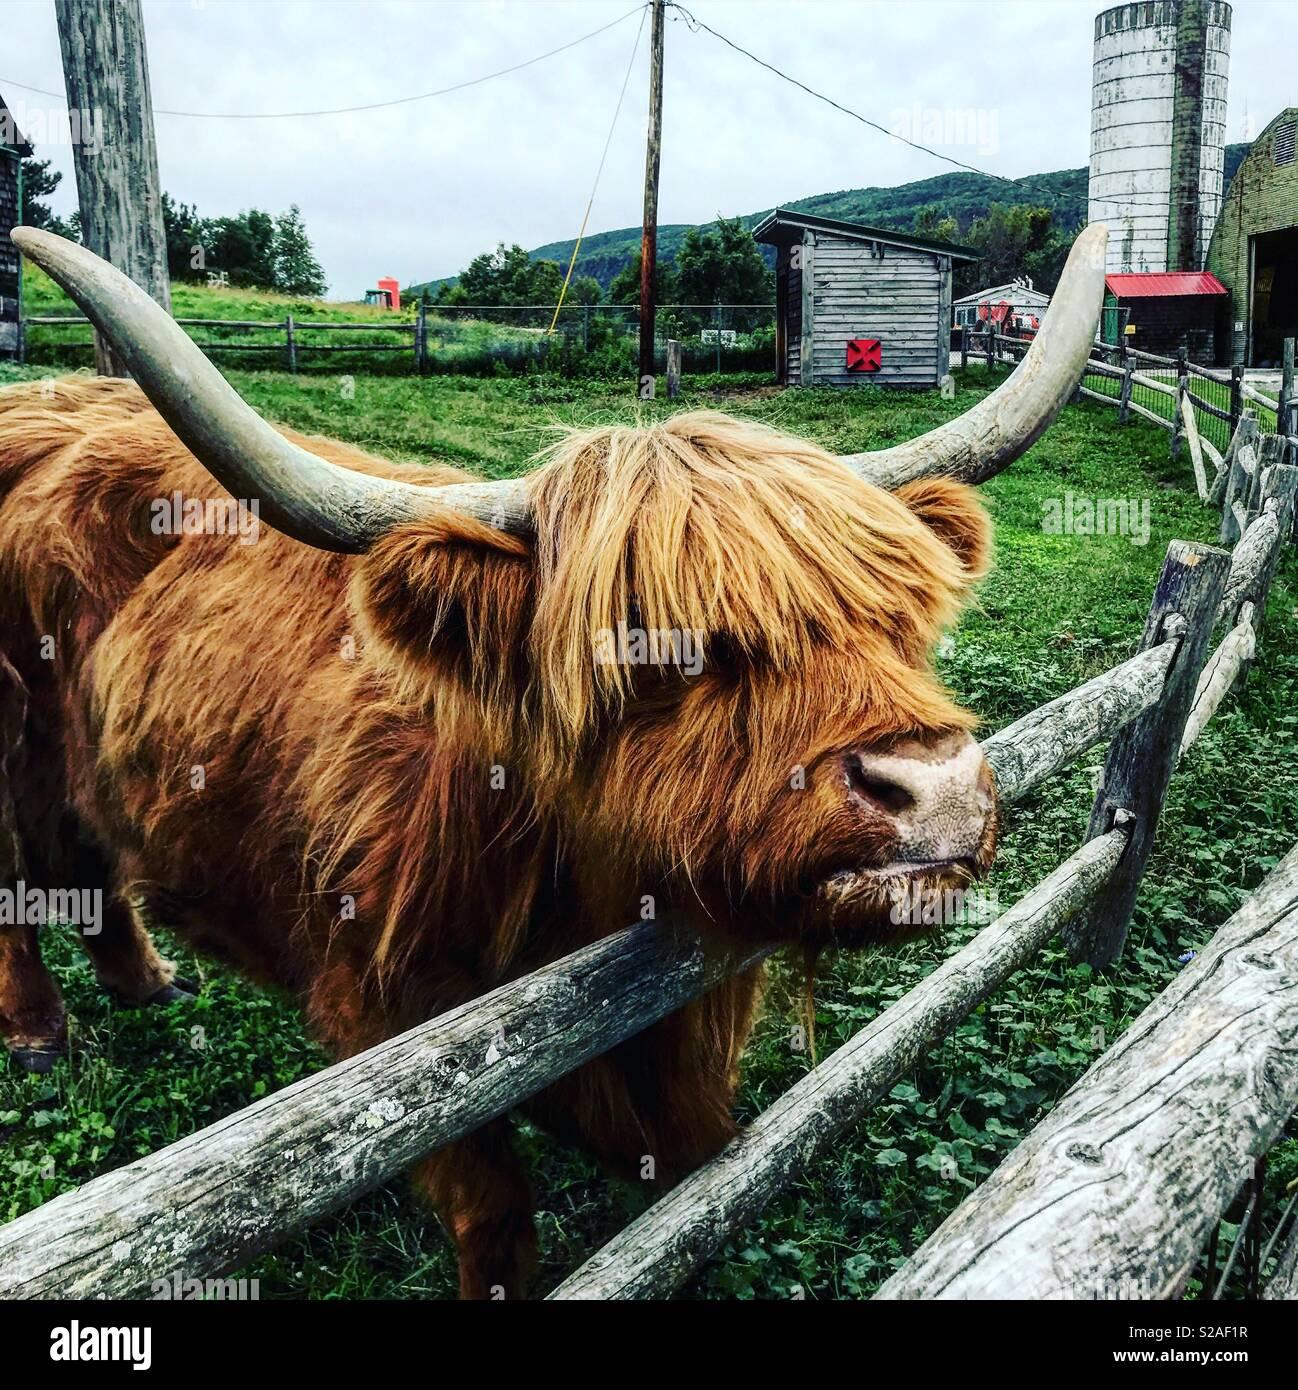 Highland bovini in uno zoo di animali domestici a scaletta indiano di fattorie in Upstate New York Immagini Stock